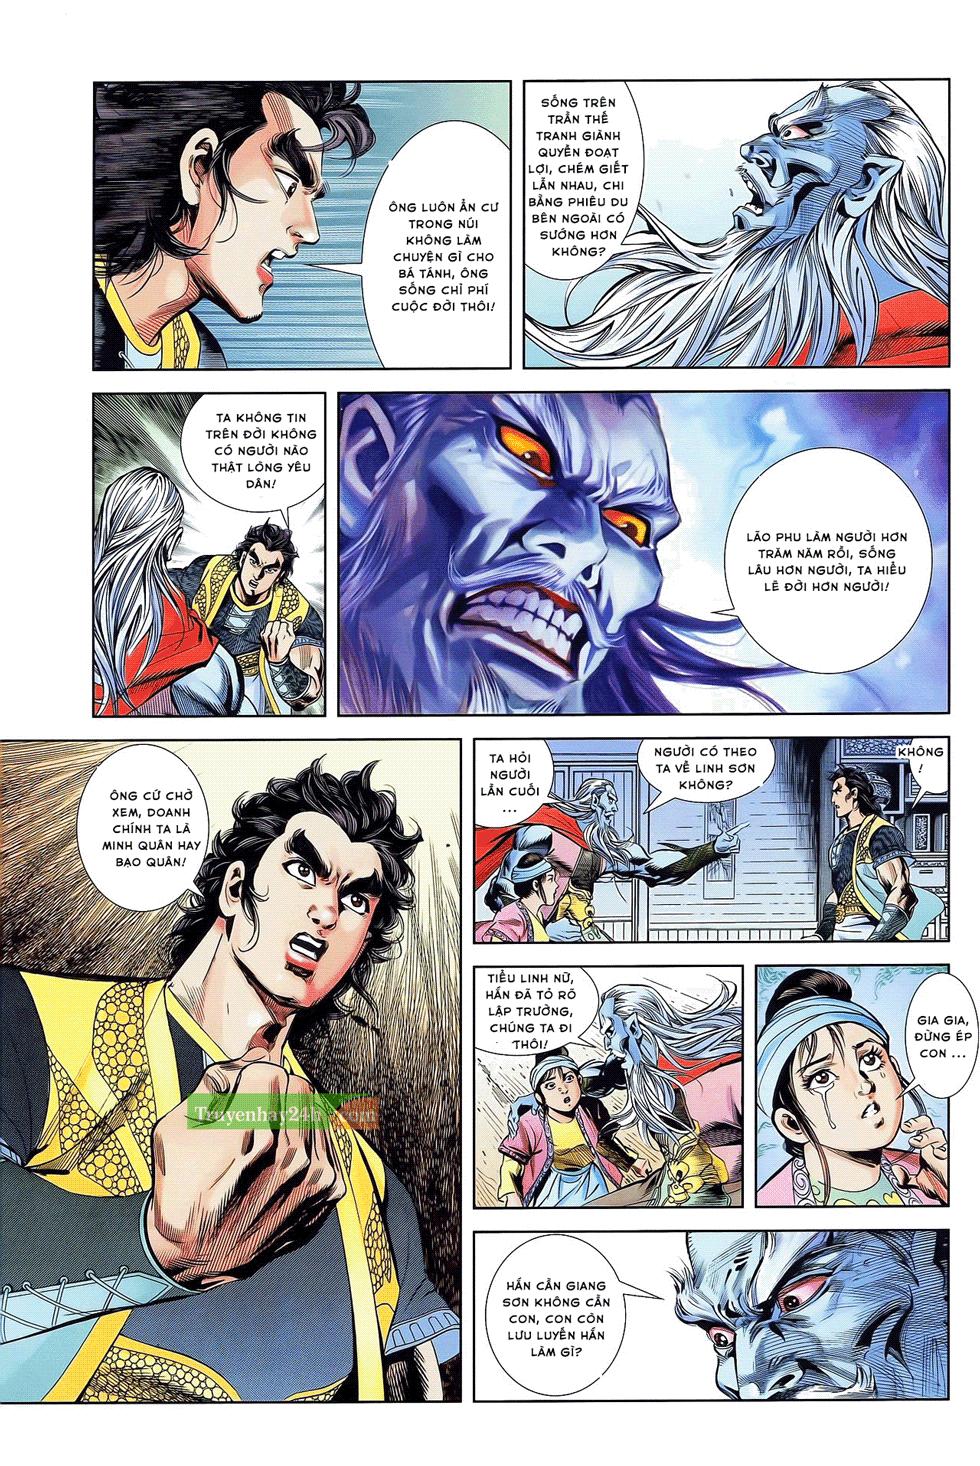 Tần Vương Doanh Chính chapter 21 trang 23